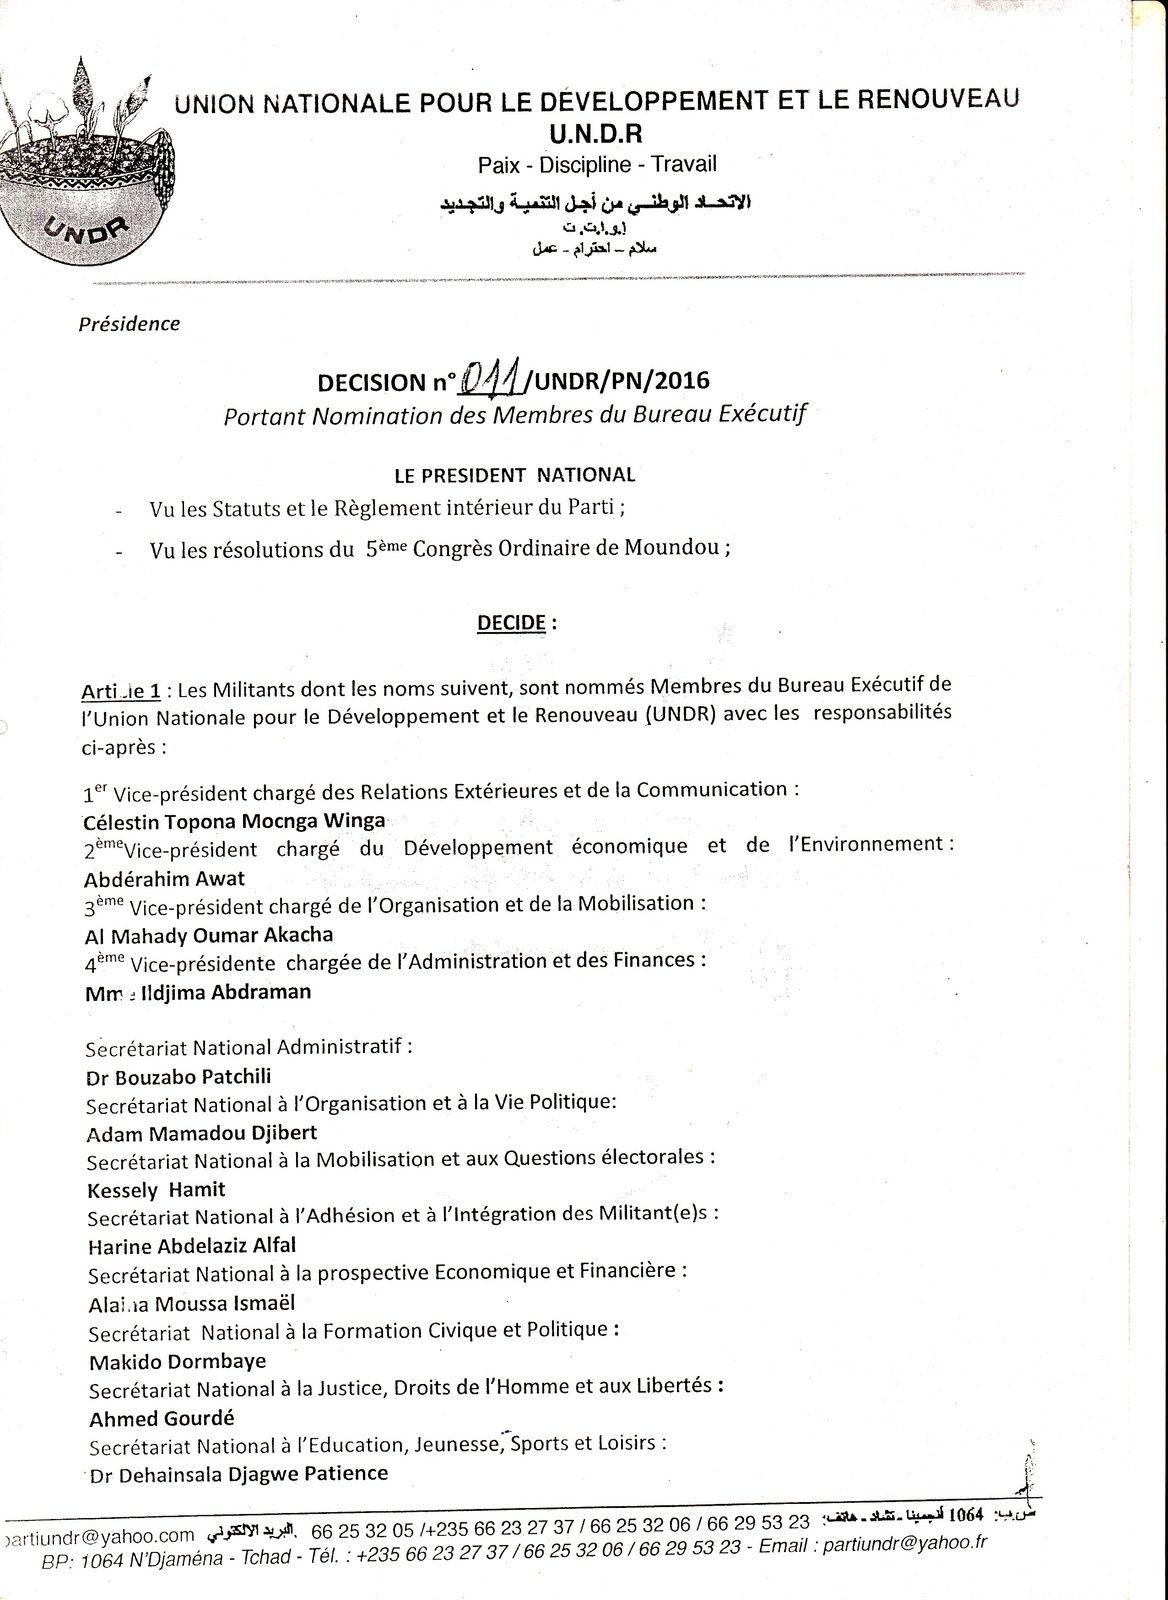 Tchad: nouveau bureau de l'Union Nationale pour le Développement et le Renouveau (UNDR)